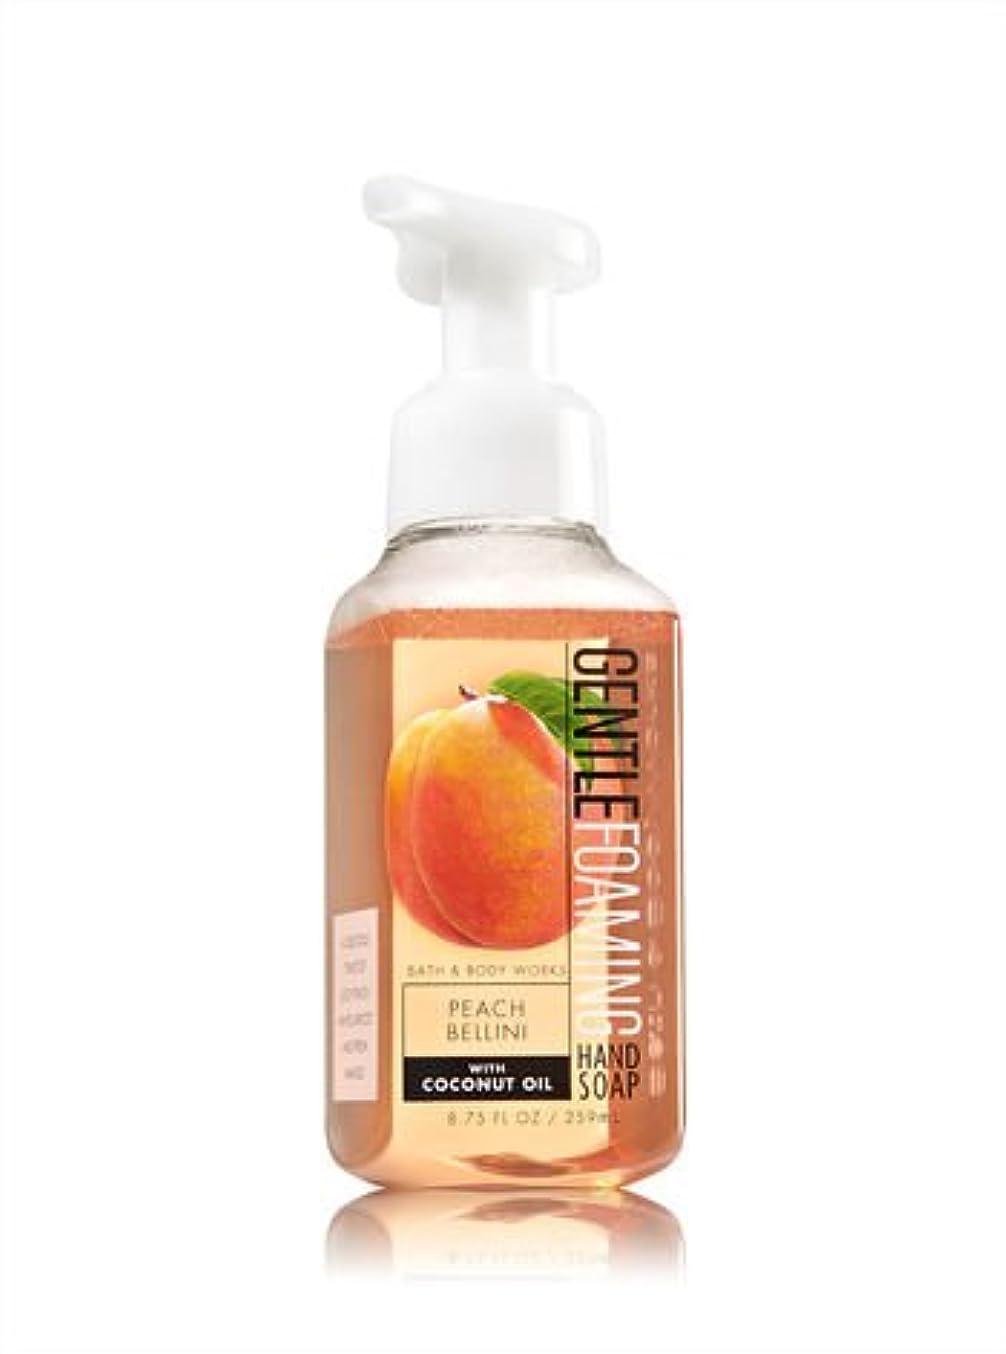 ラッチ根拠トラクターバス&ボディワークス ピーチベリーニ ジェントル フォーミング ハンドソープ Peach Bellini Gentle Foaming Hand Soap [並行輸入品]